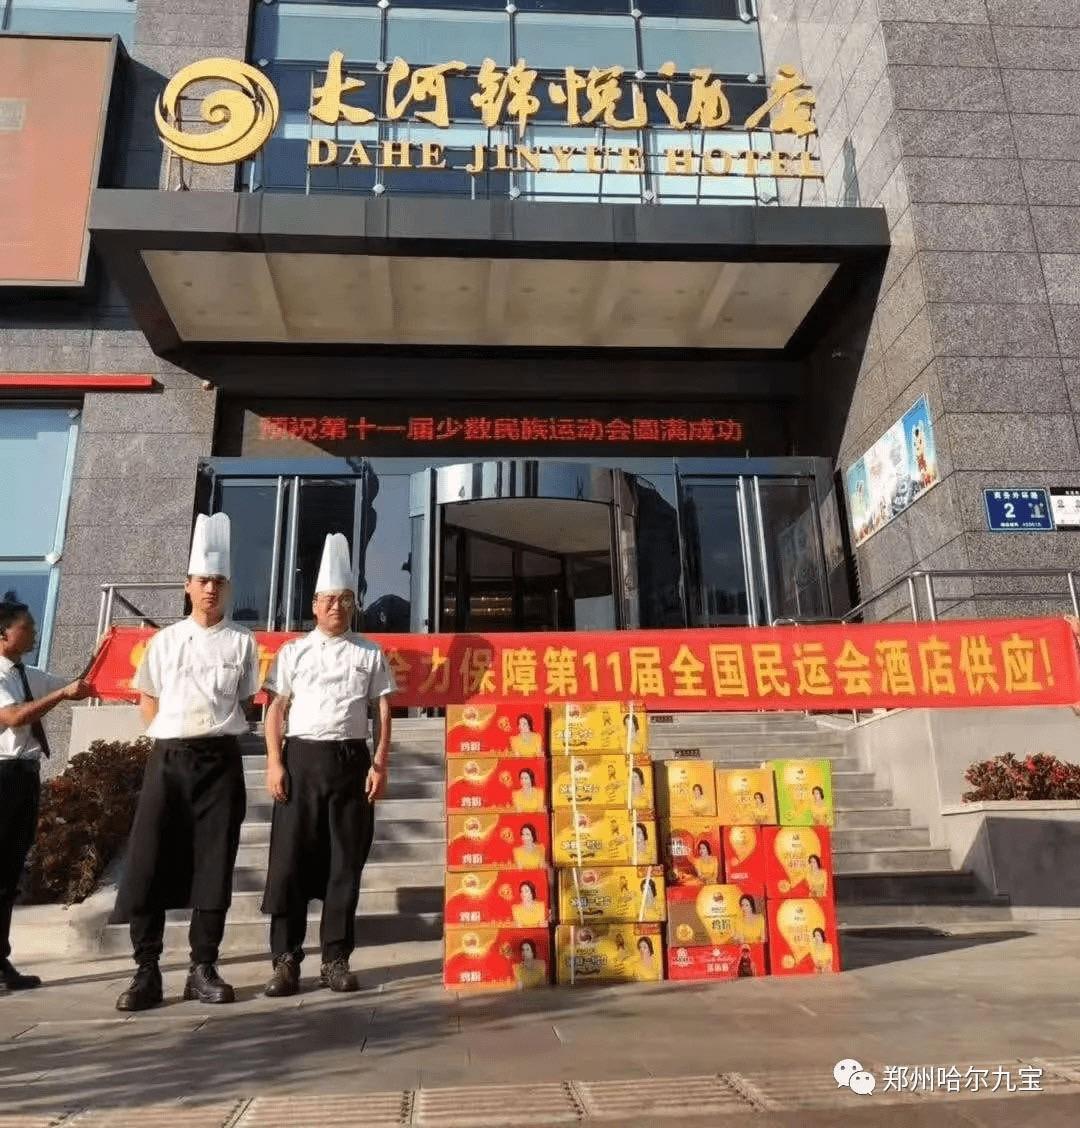 第十一届全国民族运动会在郑州举办 哈尔优发娱乐电脑版为民族运动会指定供应商